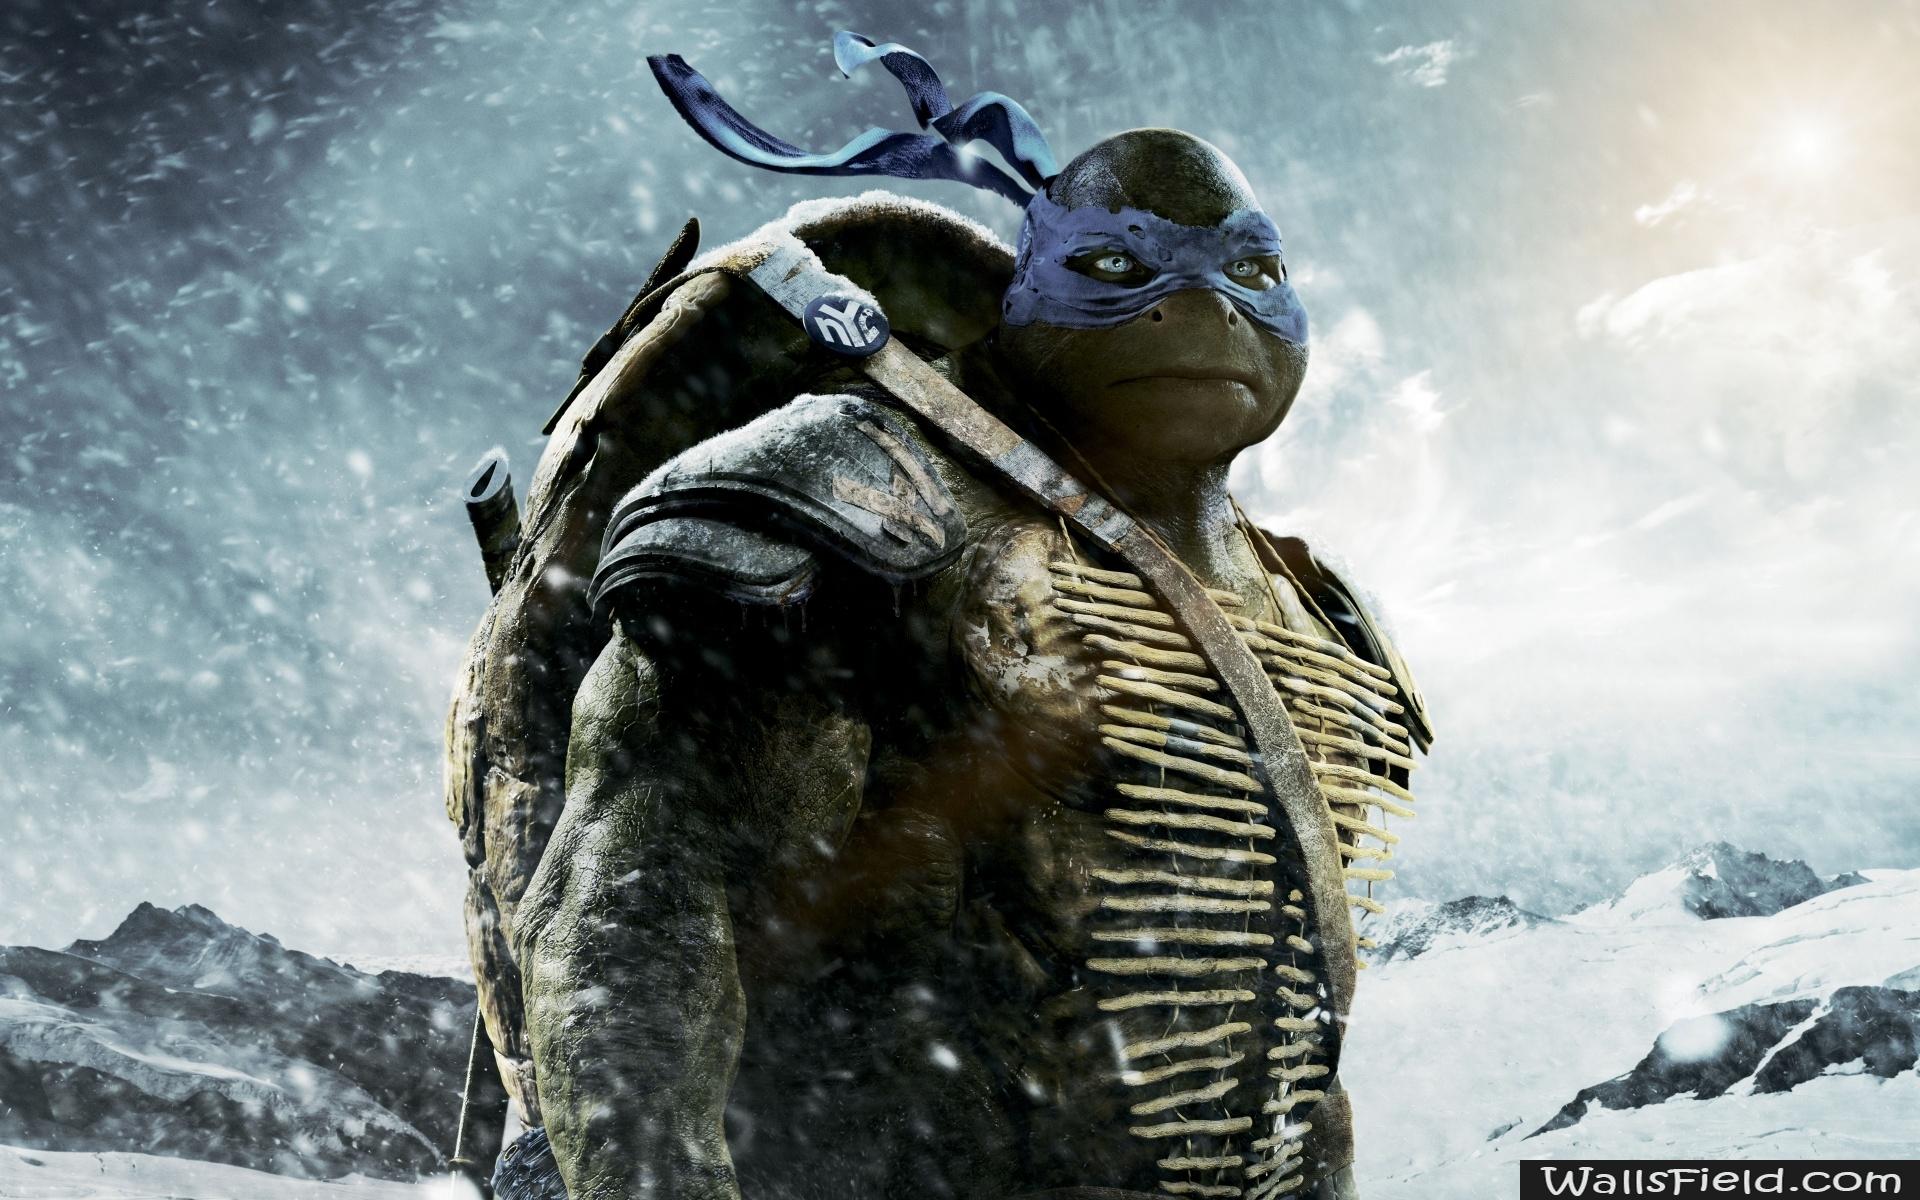 Leonardo Teenage Mutant Ninja Turtle Movie - HD Wallpaper